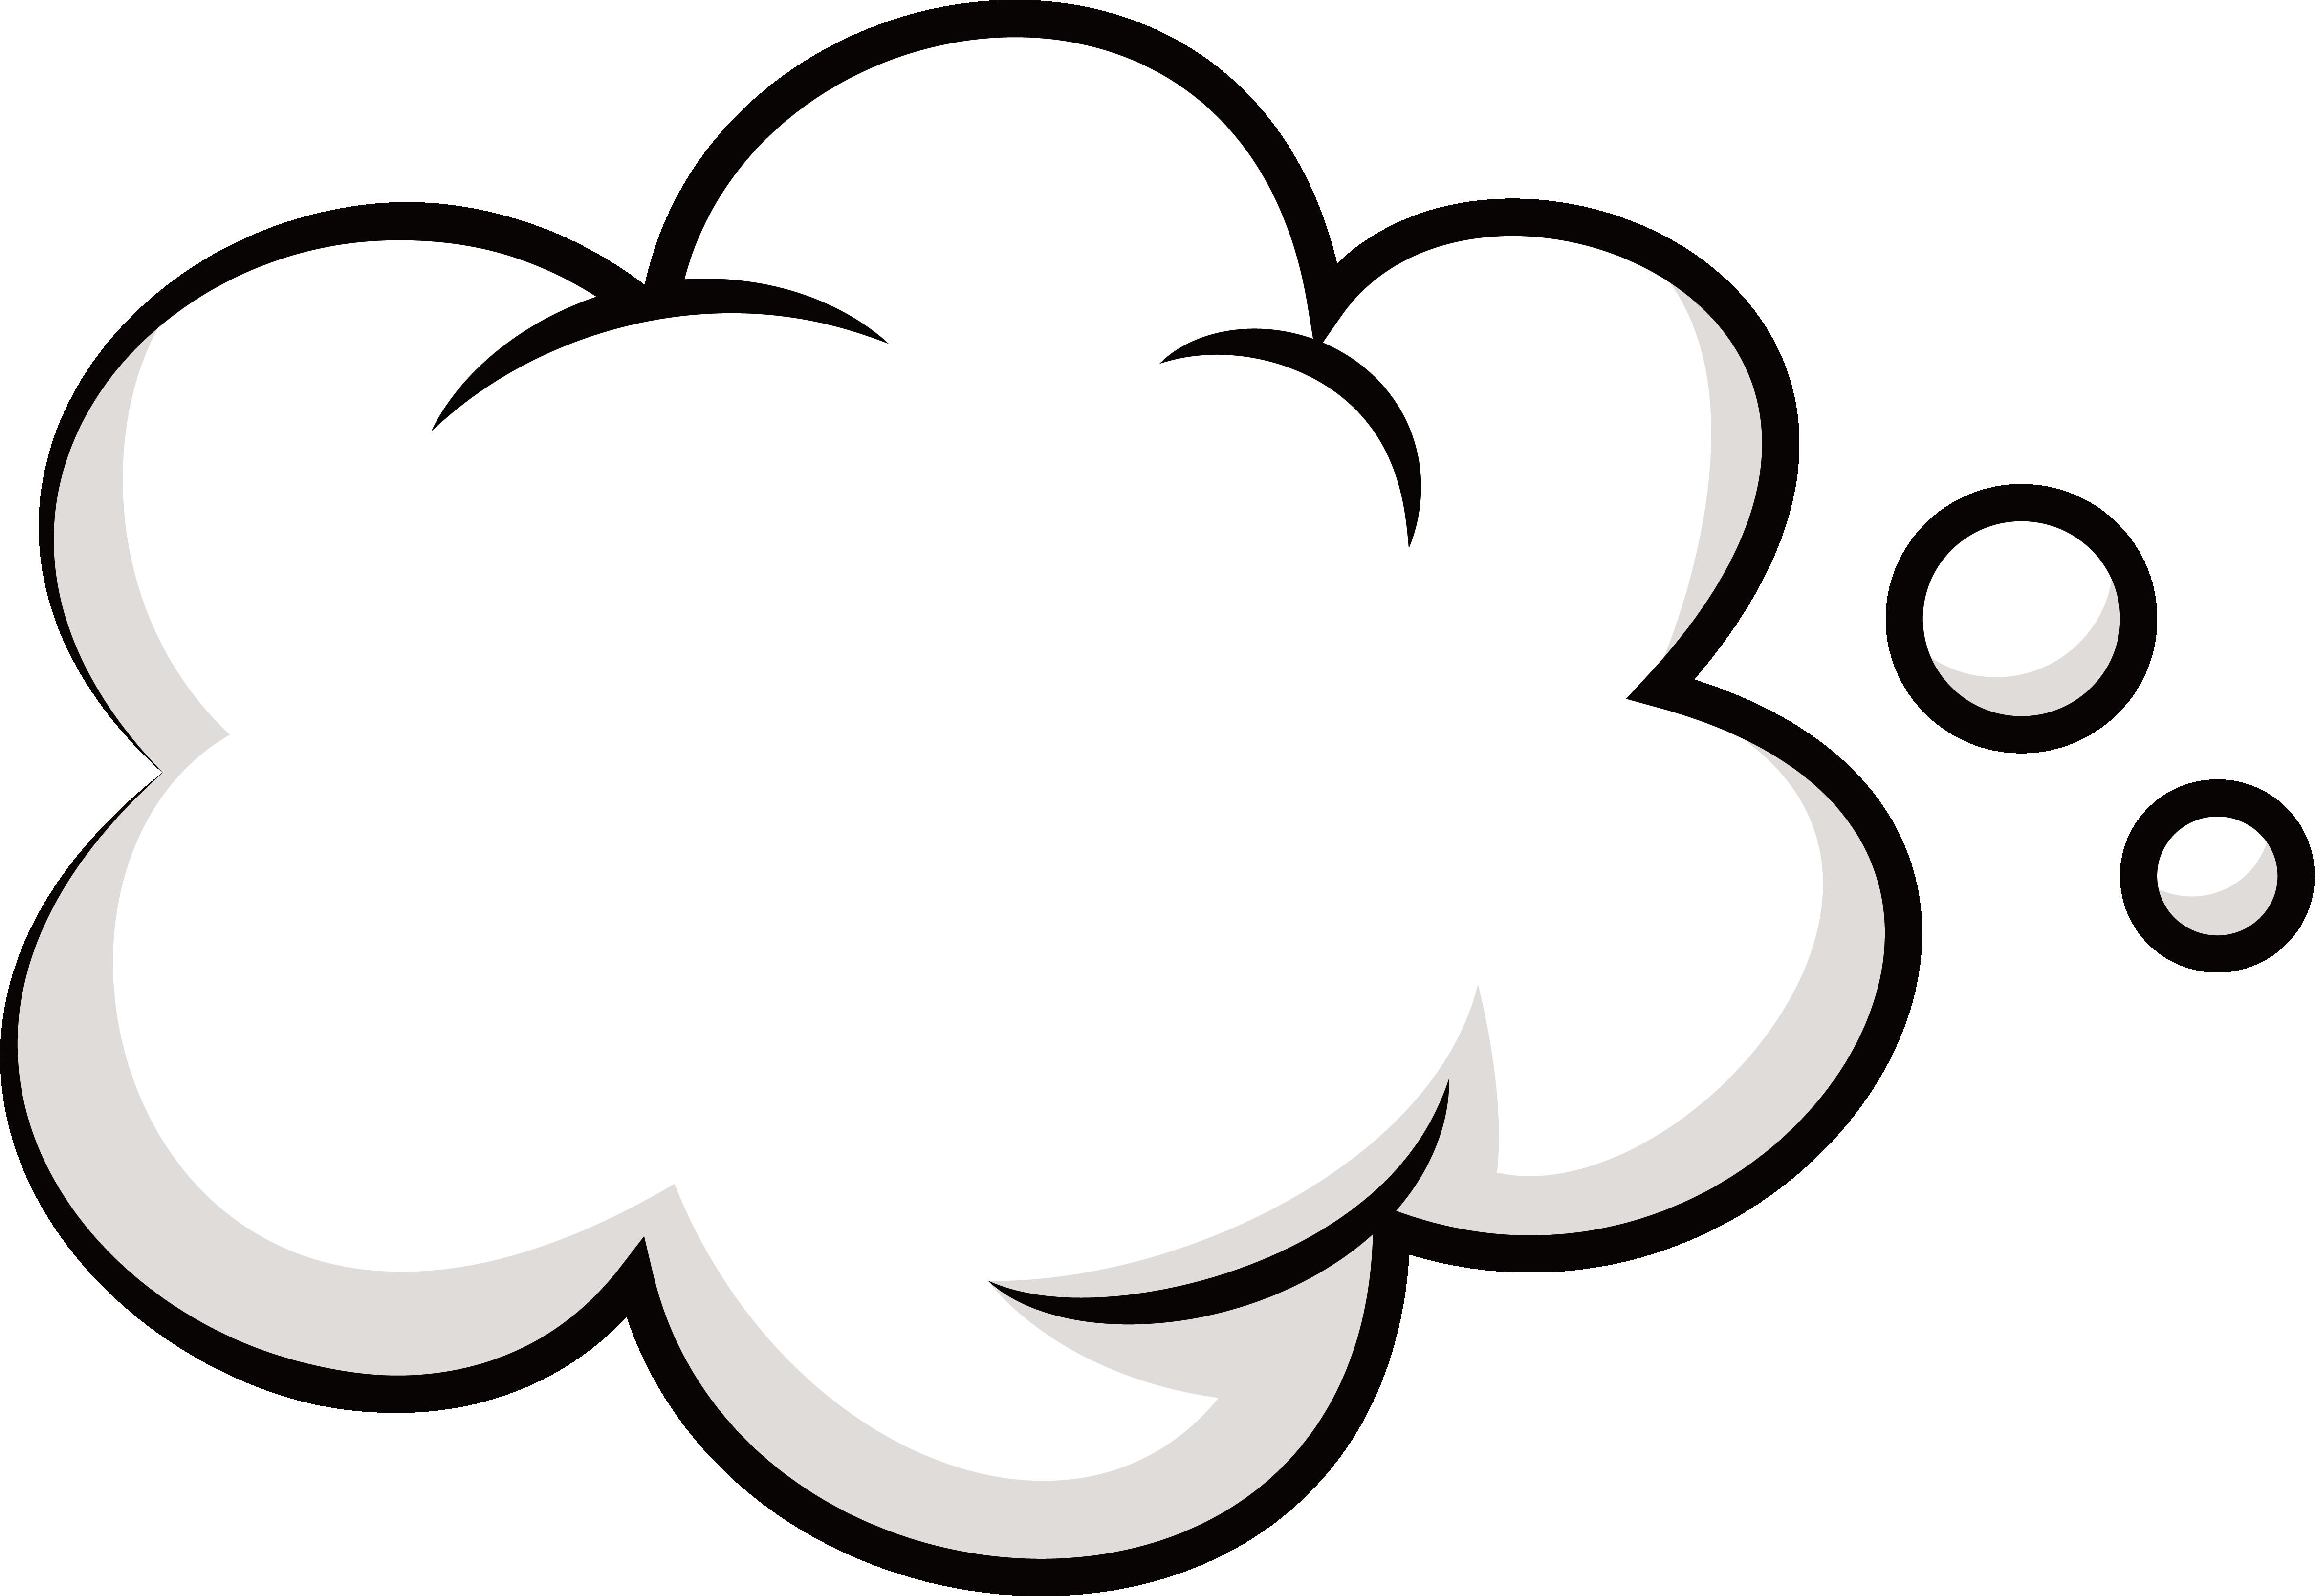 также облако картинка на прозрачном фоне идеально, главное